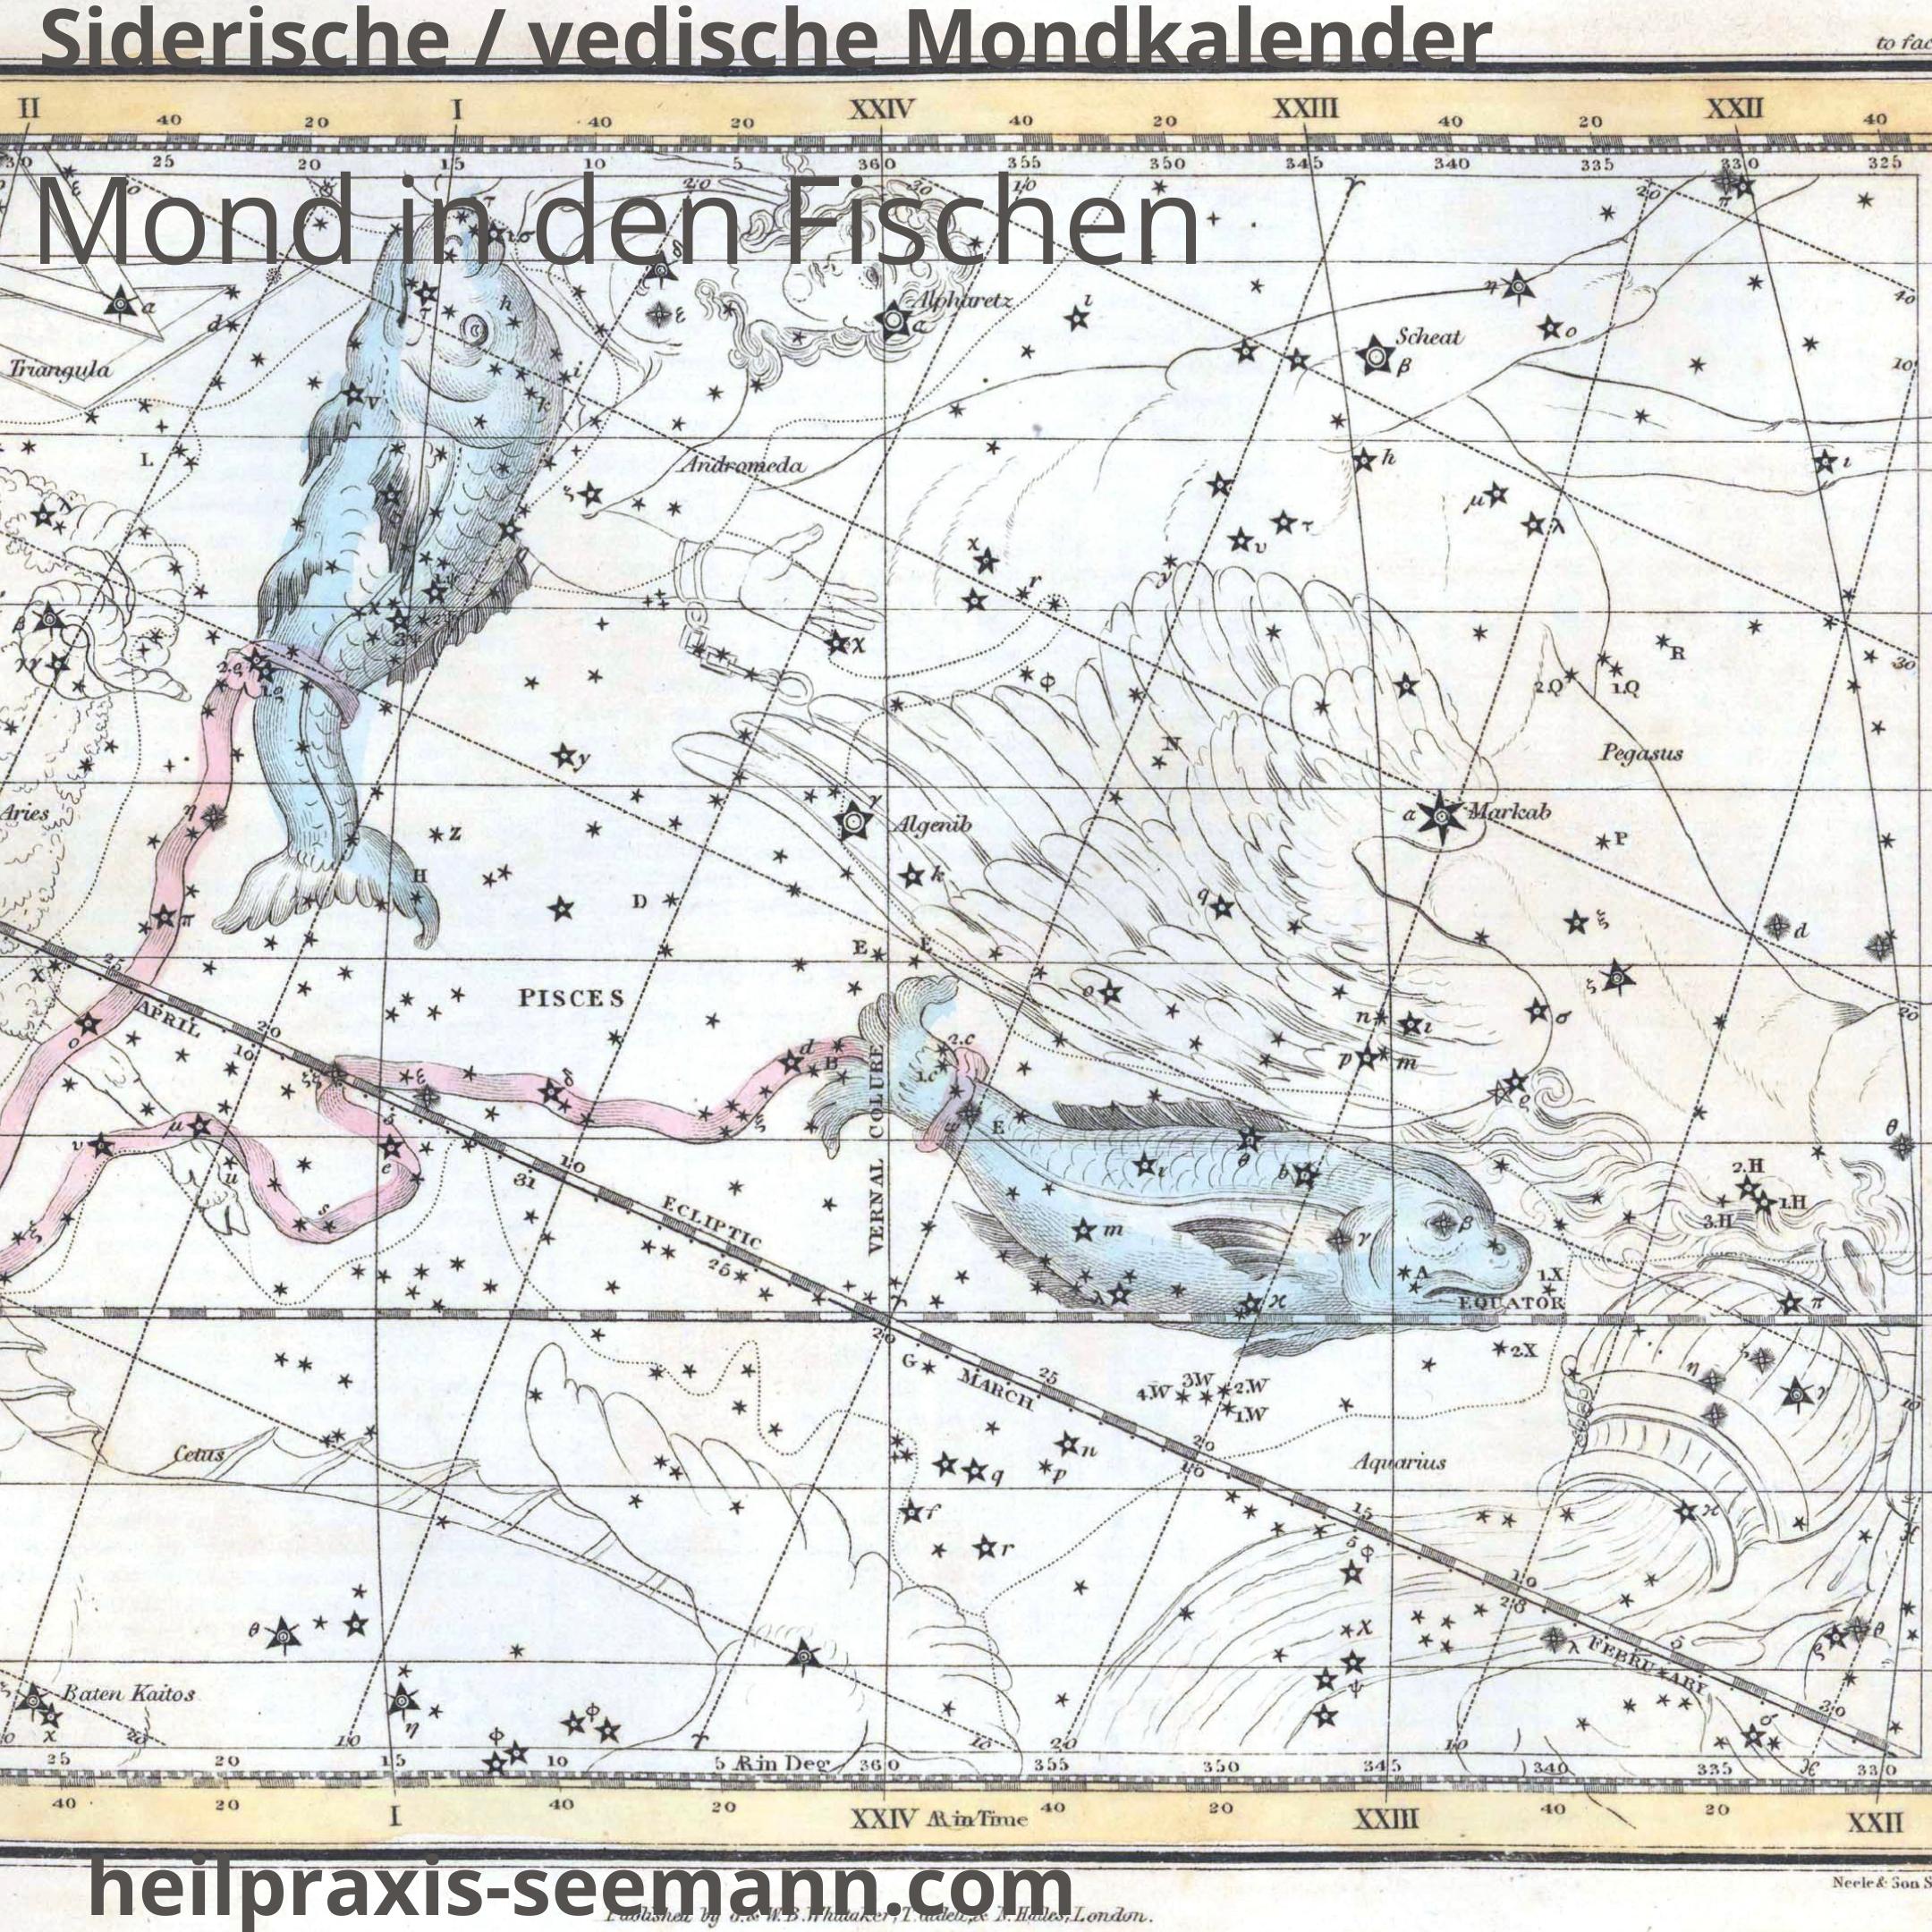 Siderische Mondkalender Mond in den Fischen